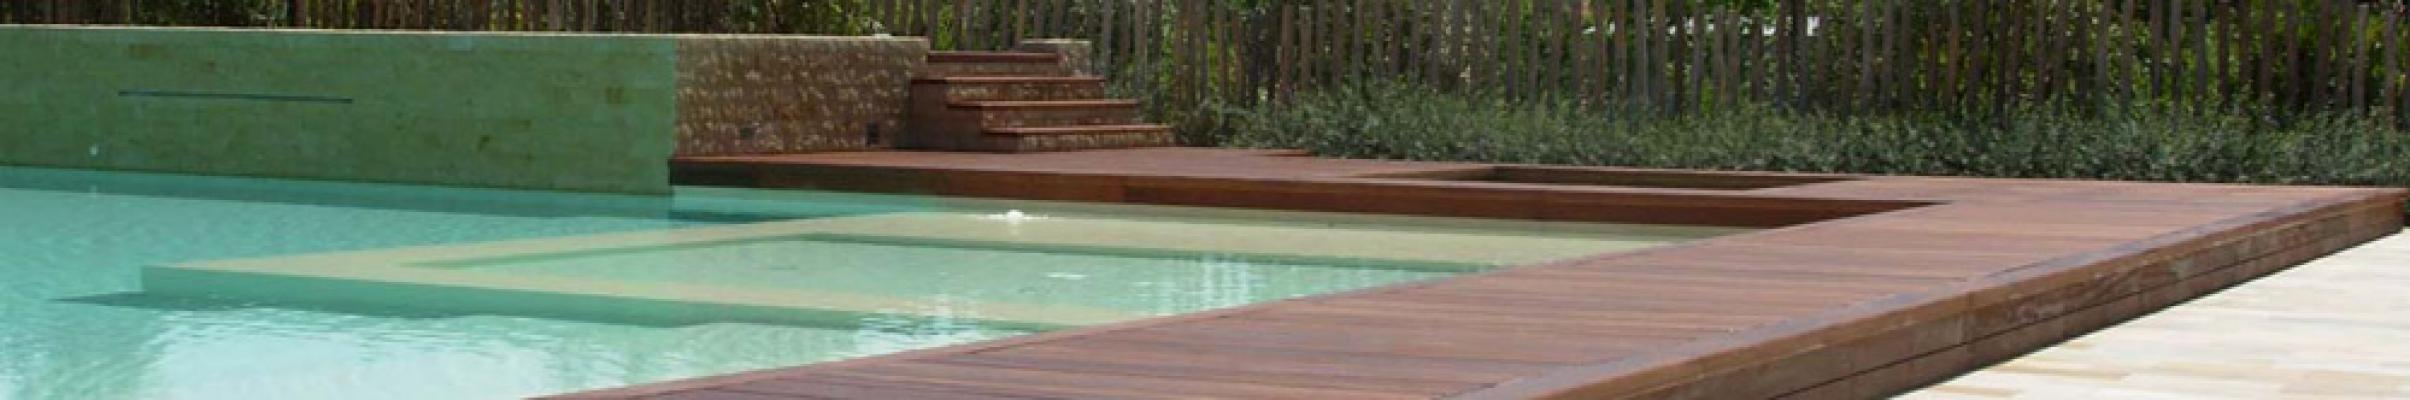 Onlywood per pavimenti in legno per esterni